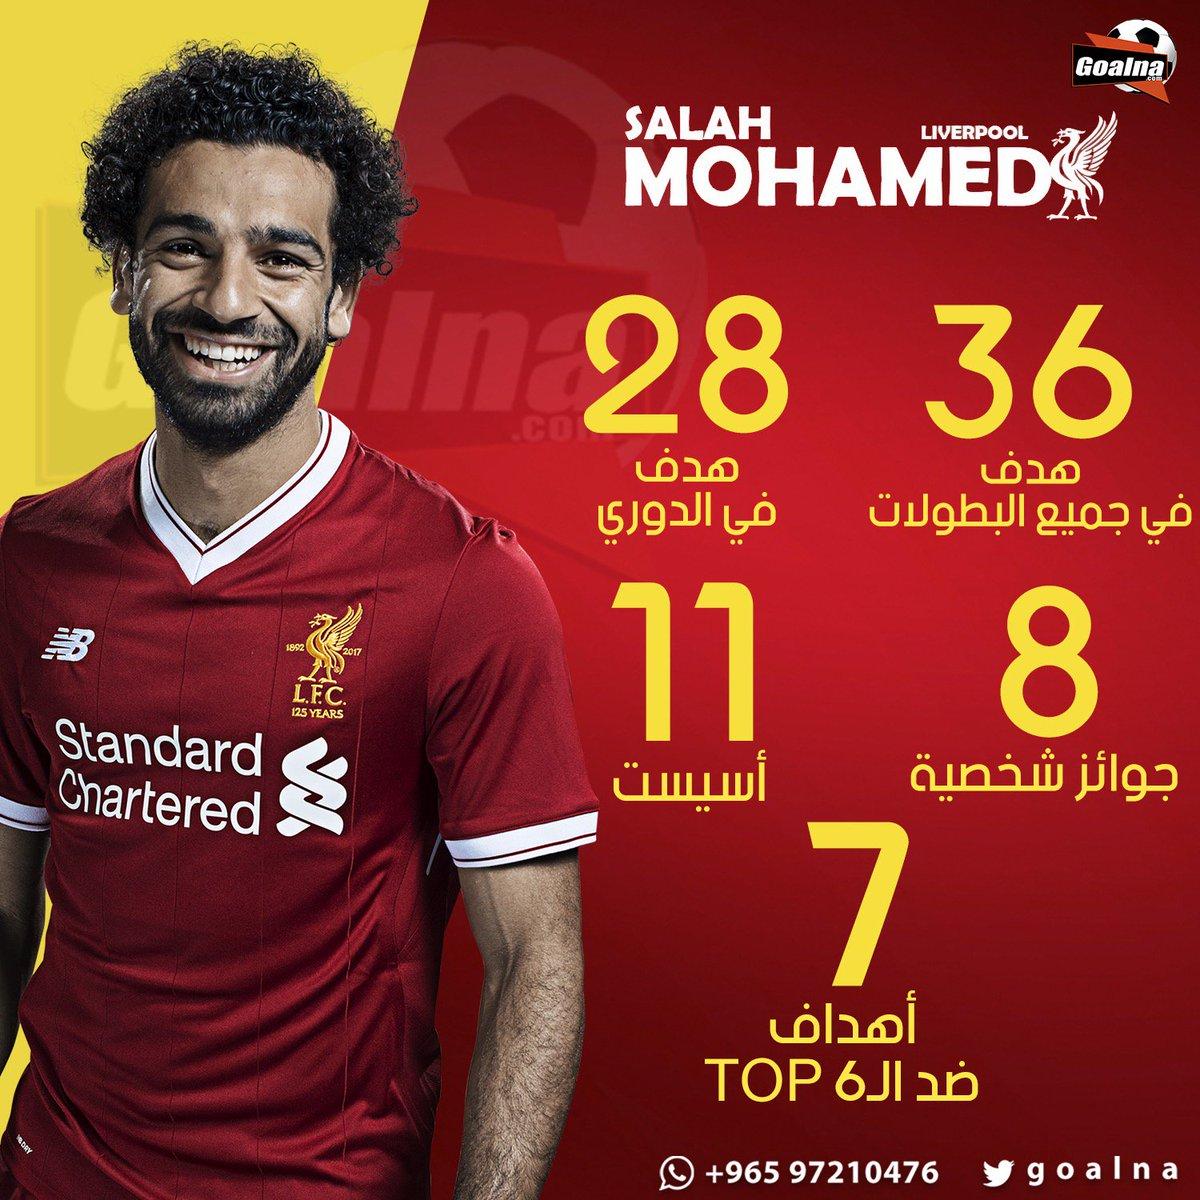 بأرقامه الرائعة .. هل من مصلحة #محمد_صلا...